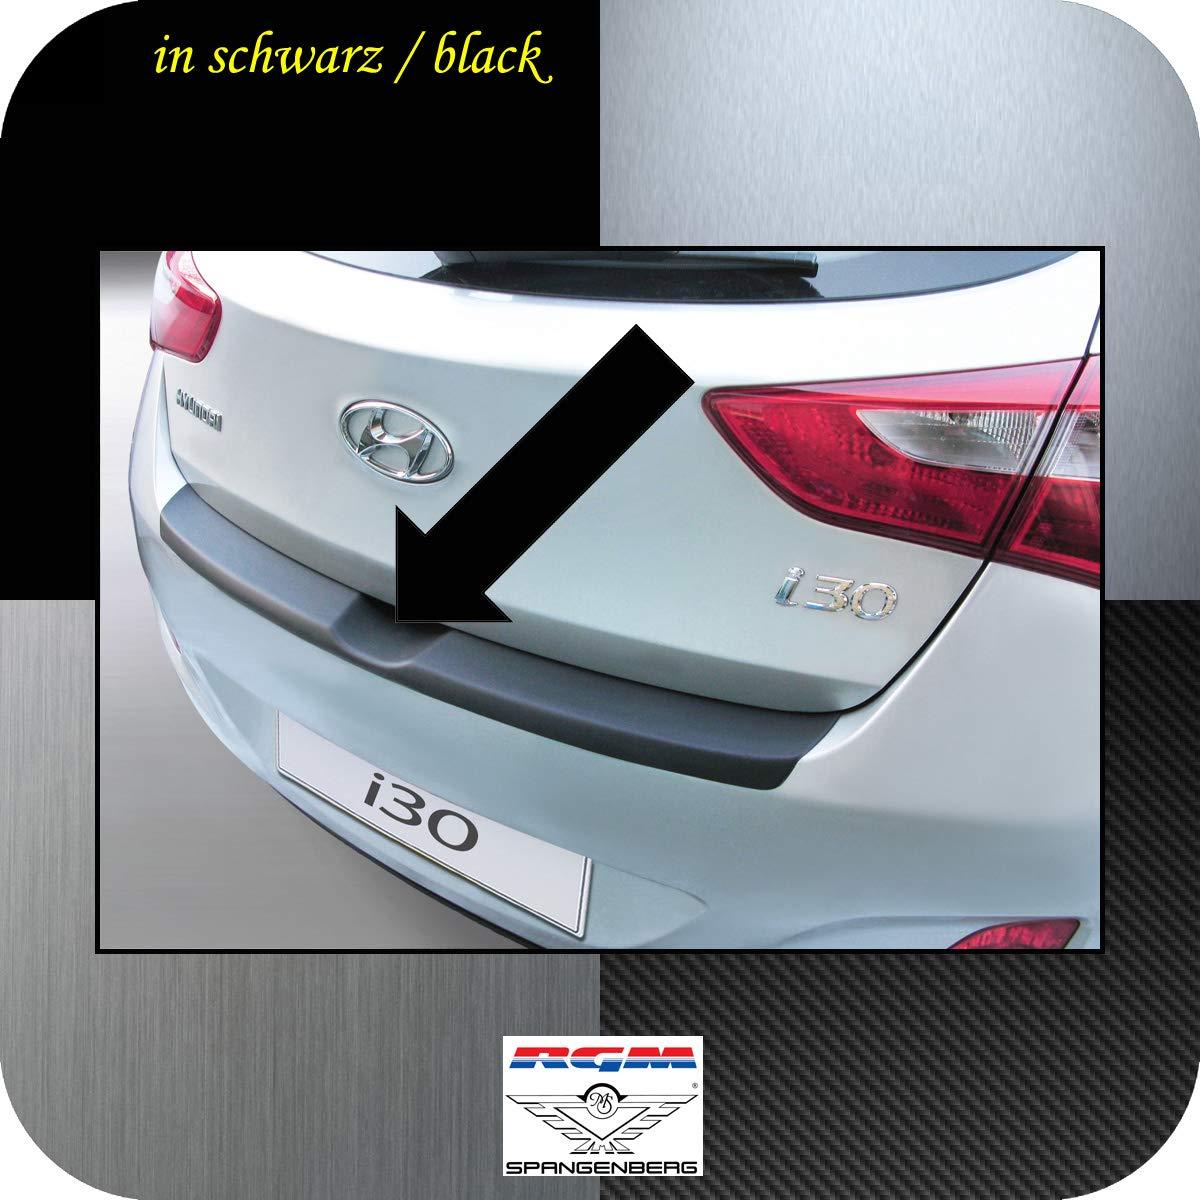 Richard Grant Mouldings Ltd. Original RGM ladekant Protección Negro para Hyundai i30 II (GD) Hatchback de 5 Puertas diseño años 12.2011 - 03.2017 rbp551: ...